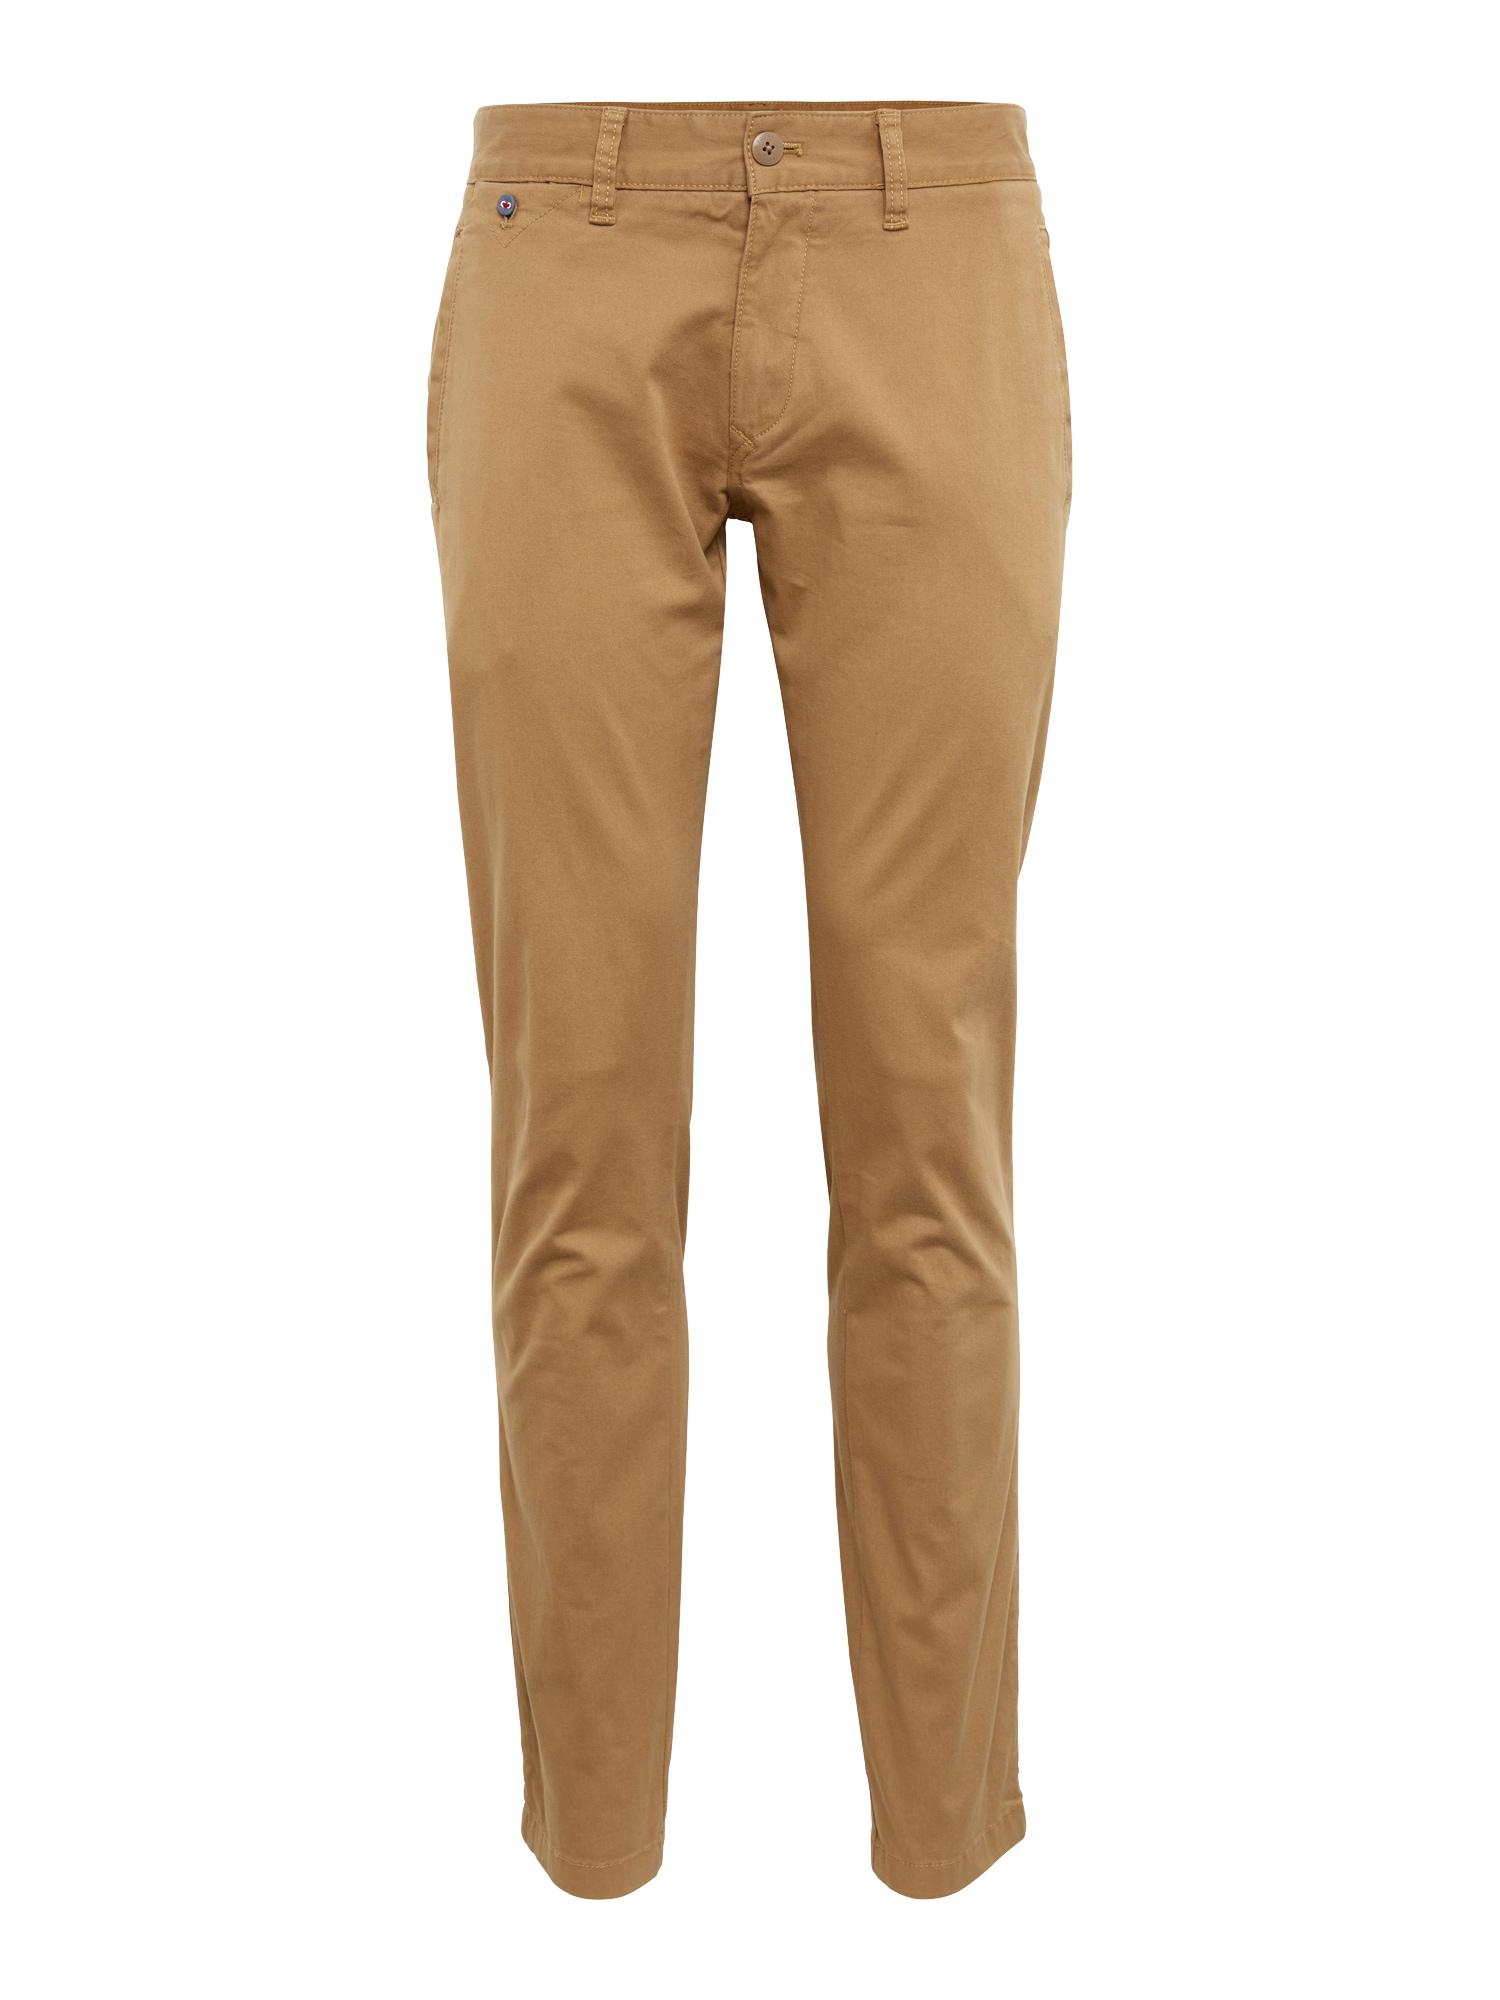 Chino kalhoty TJM ORIGINAL SLIM FIT béžová Tommy Jeans